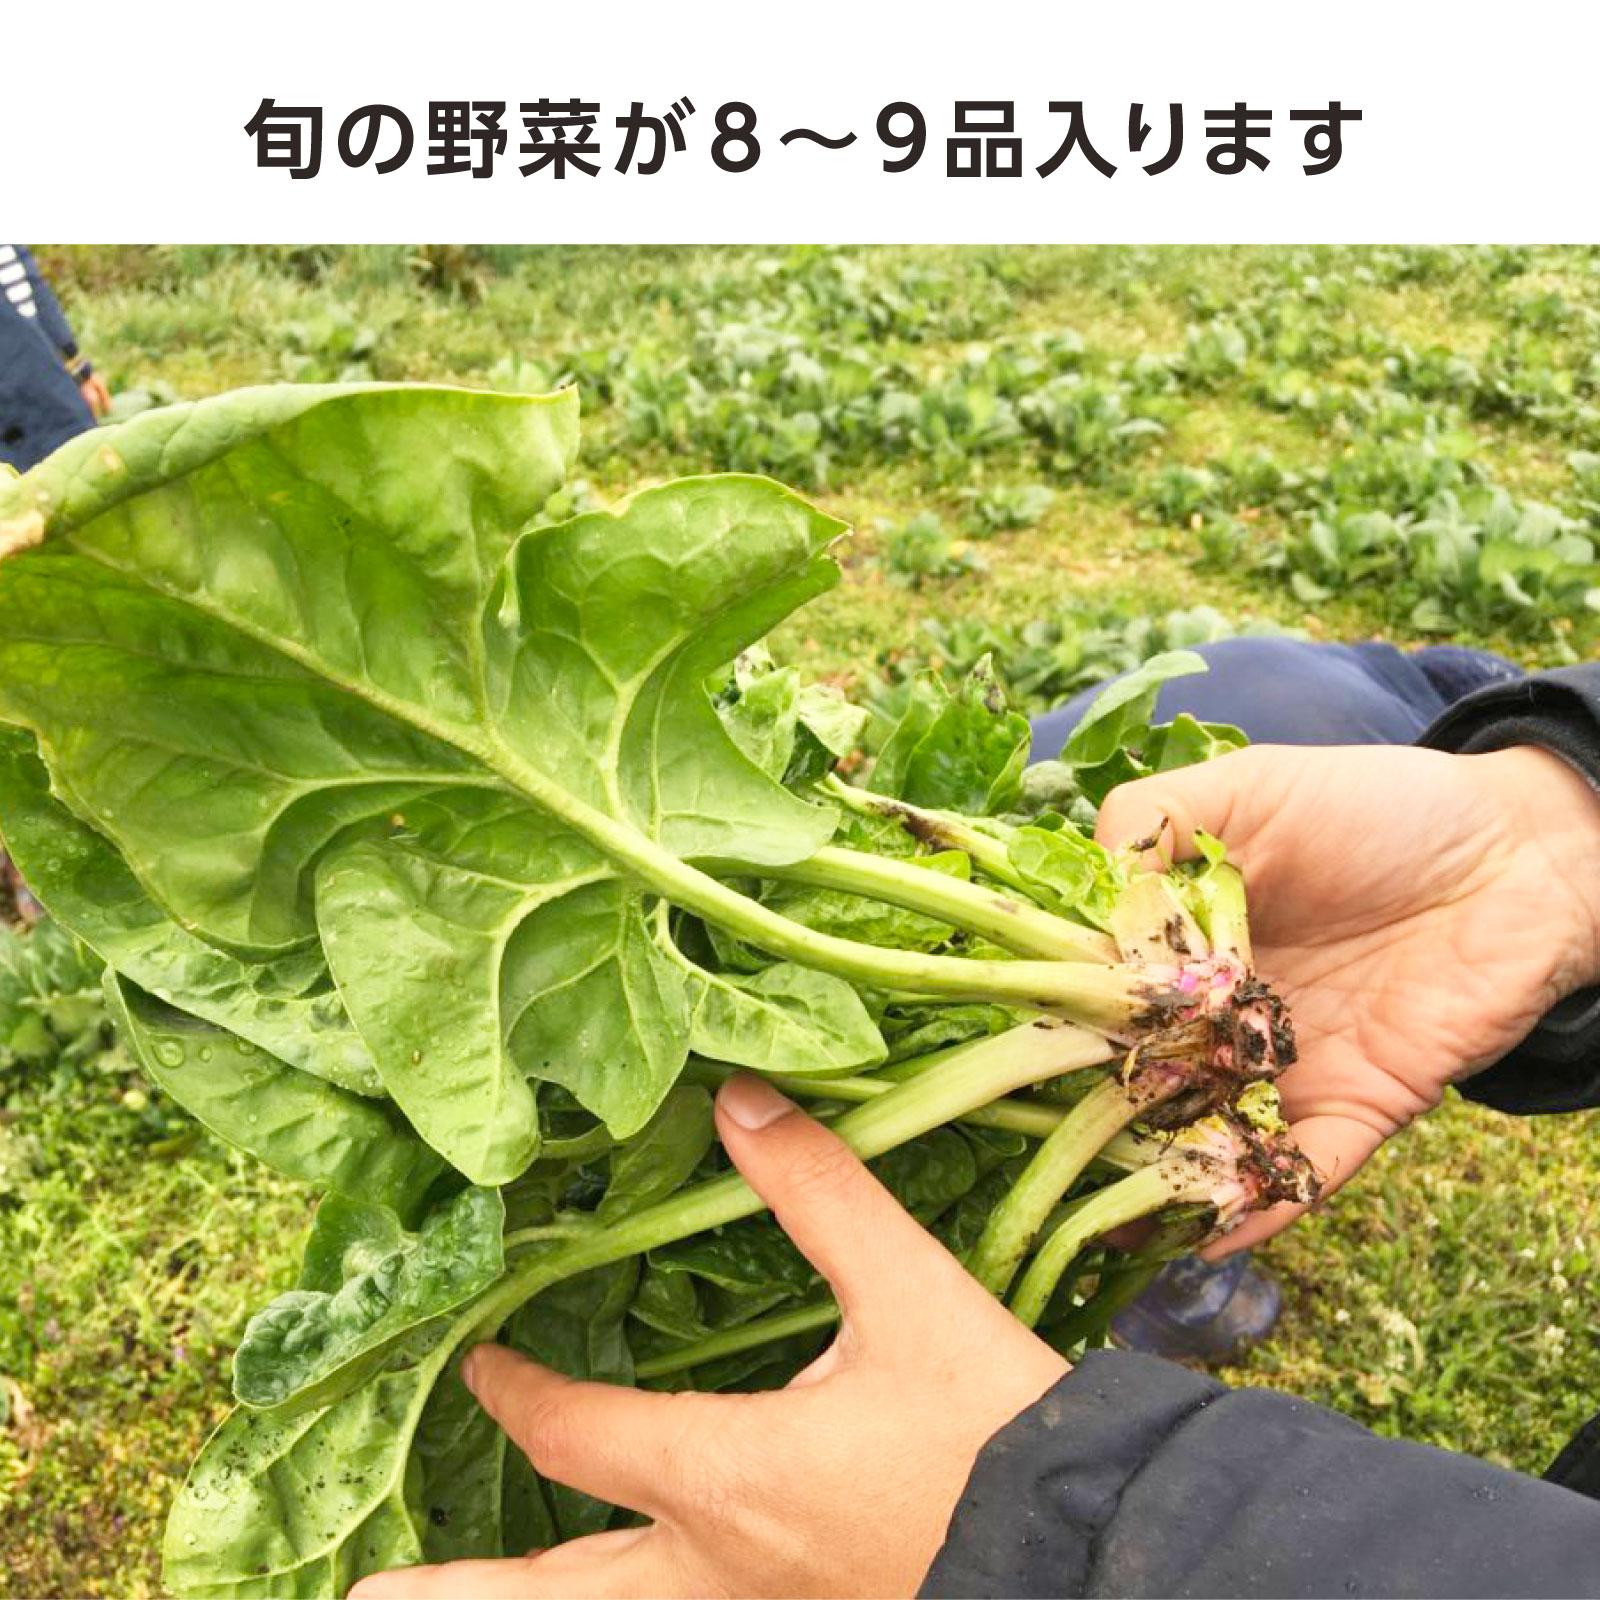 <千葉県山武市>斎藤かんいちさんのおまかせ季節の野菜セット